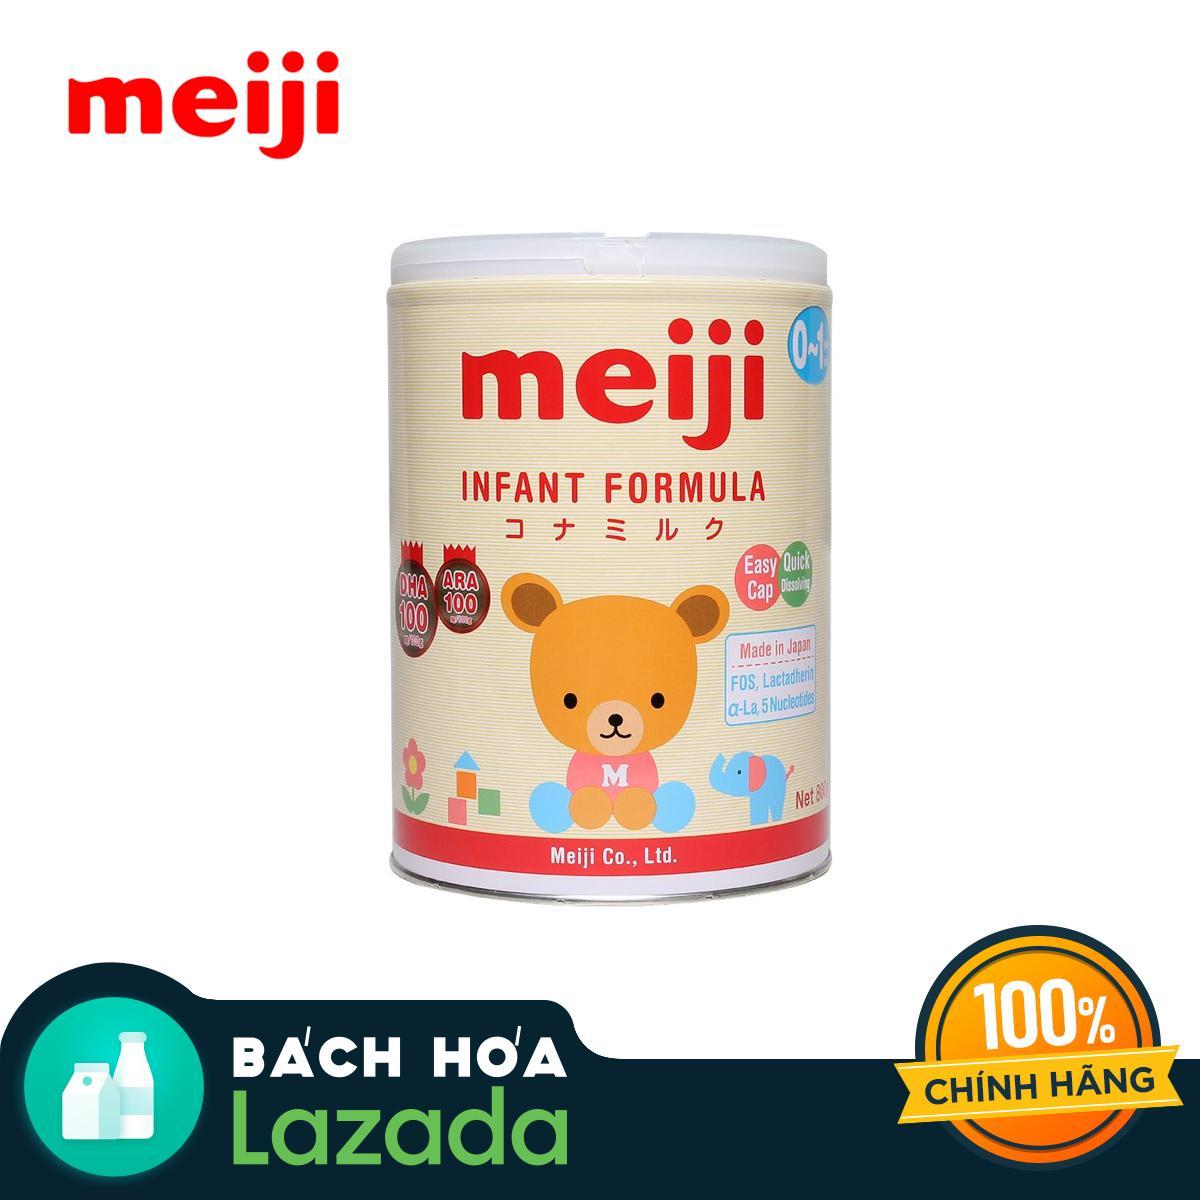 Sữa bột Meiji Infant Formula dành cho trẻ từ 0...